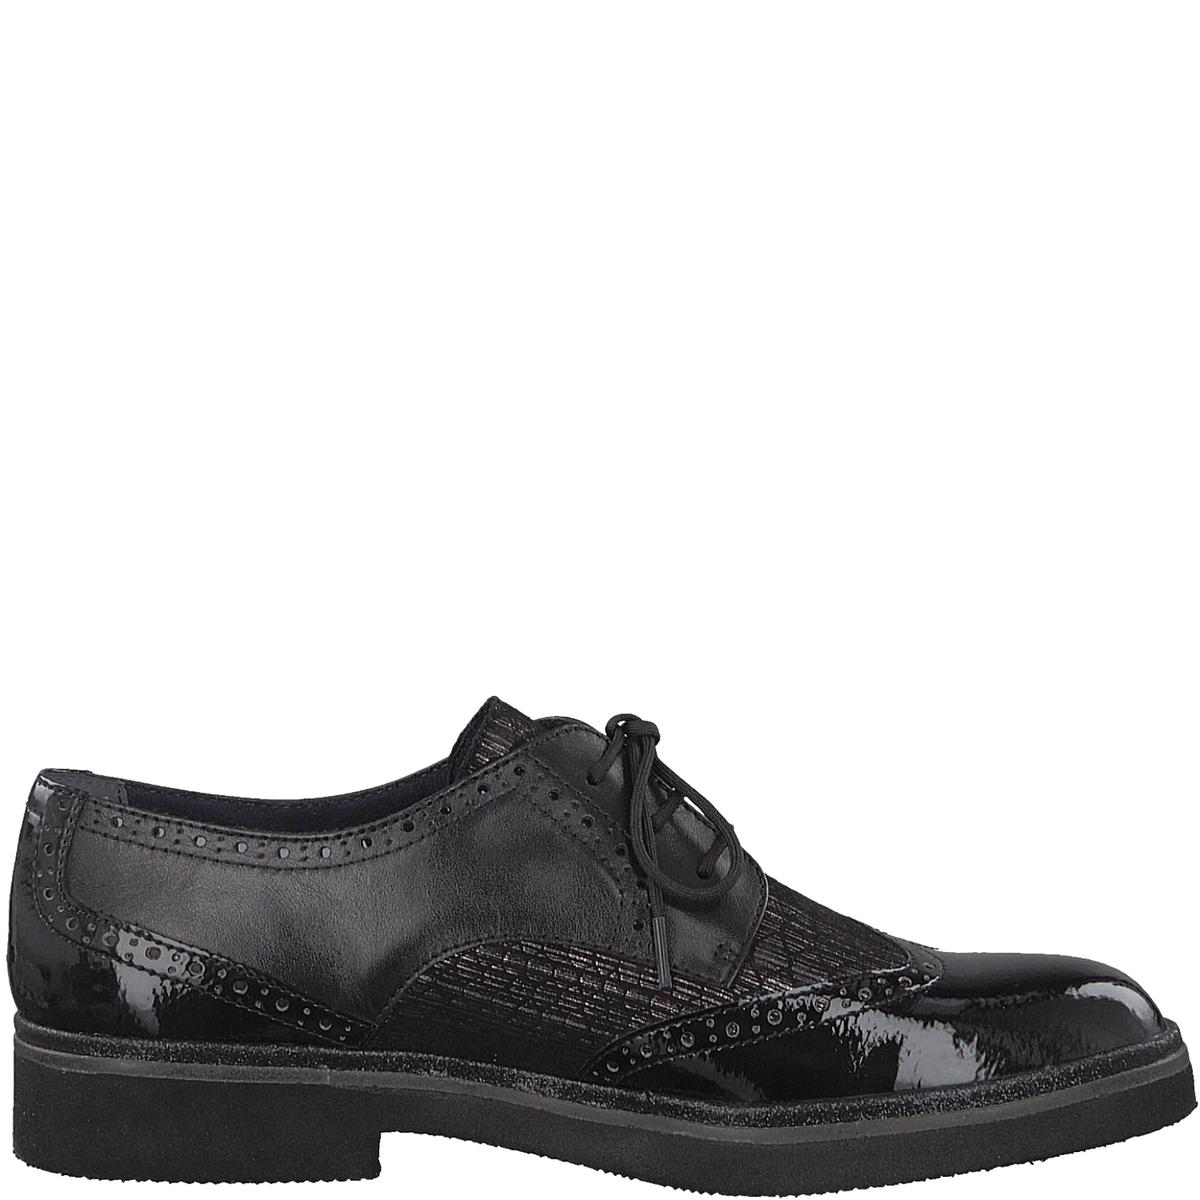 Ботинки-дерби кожаные KelaДетали •  Ботинки-дерби •  Высота каблука : 3 см •  Застежка : Шнуровка •  Круглый мысокСостав и уход •  Верх 34% кожи, 33% синтетического материала, 33% текстиля •  Подкладка 50% кожи<br><br>Цвет: черный